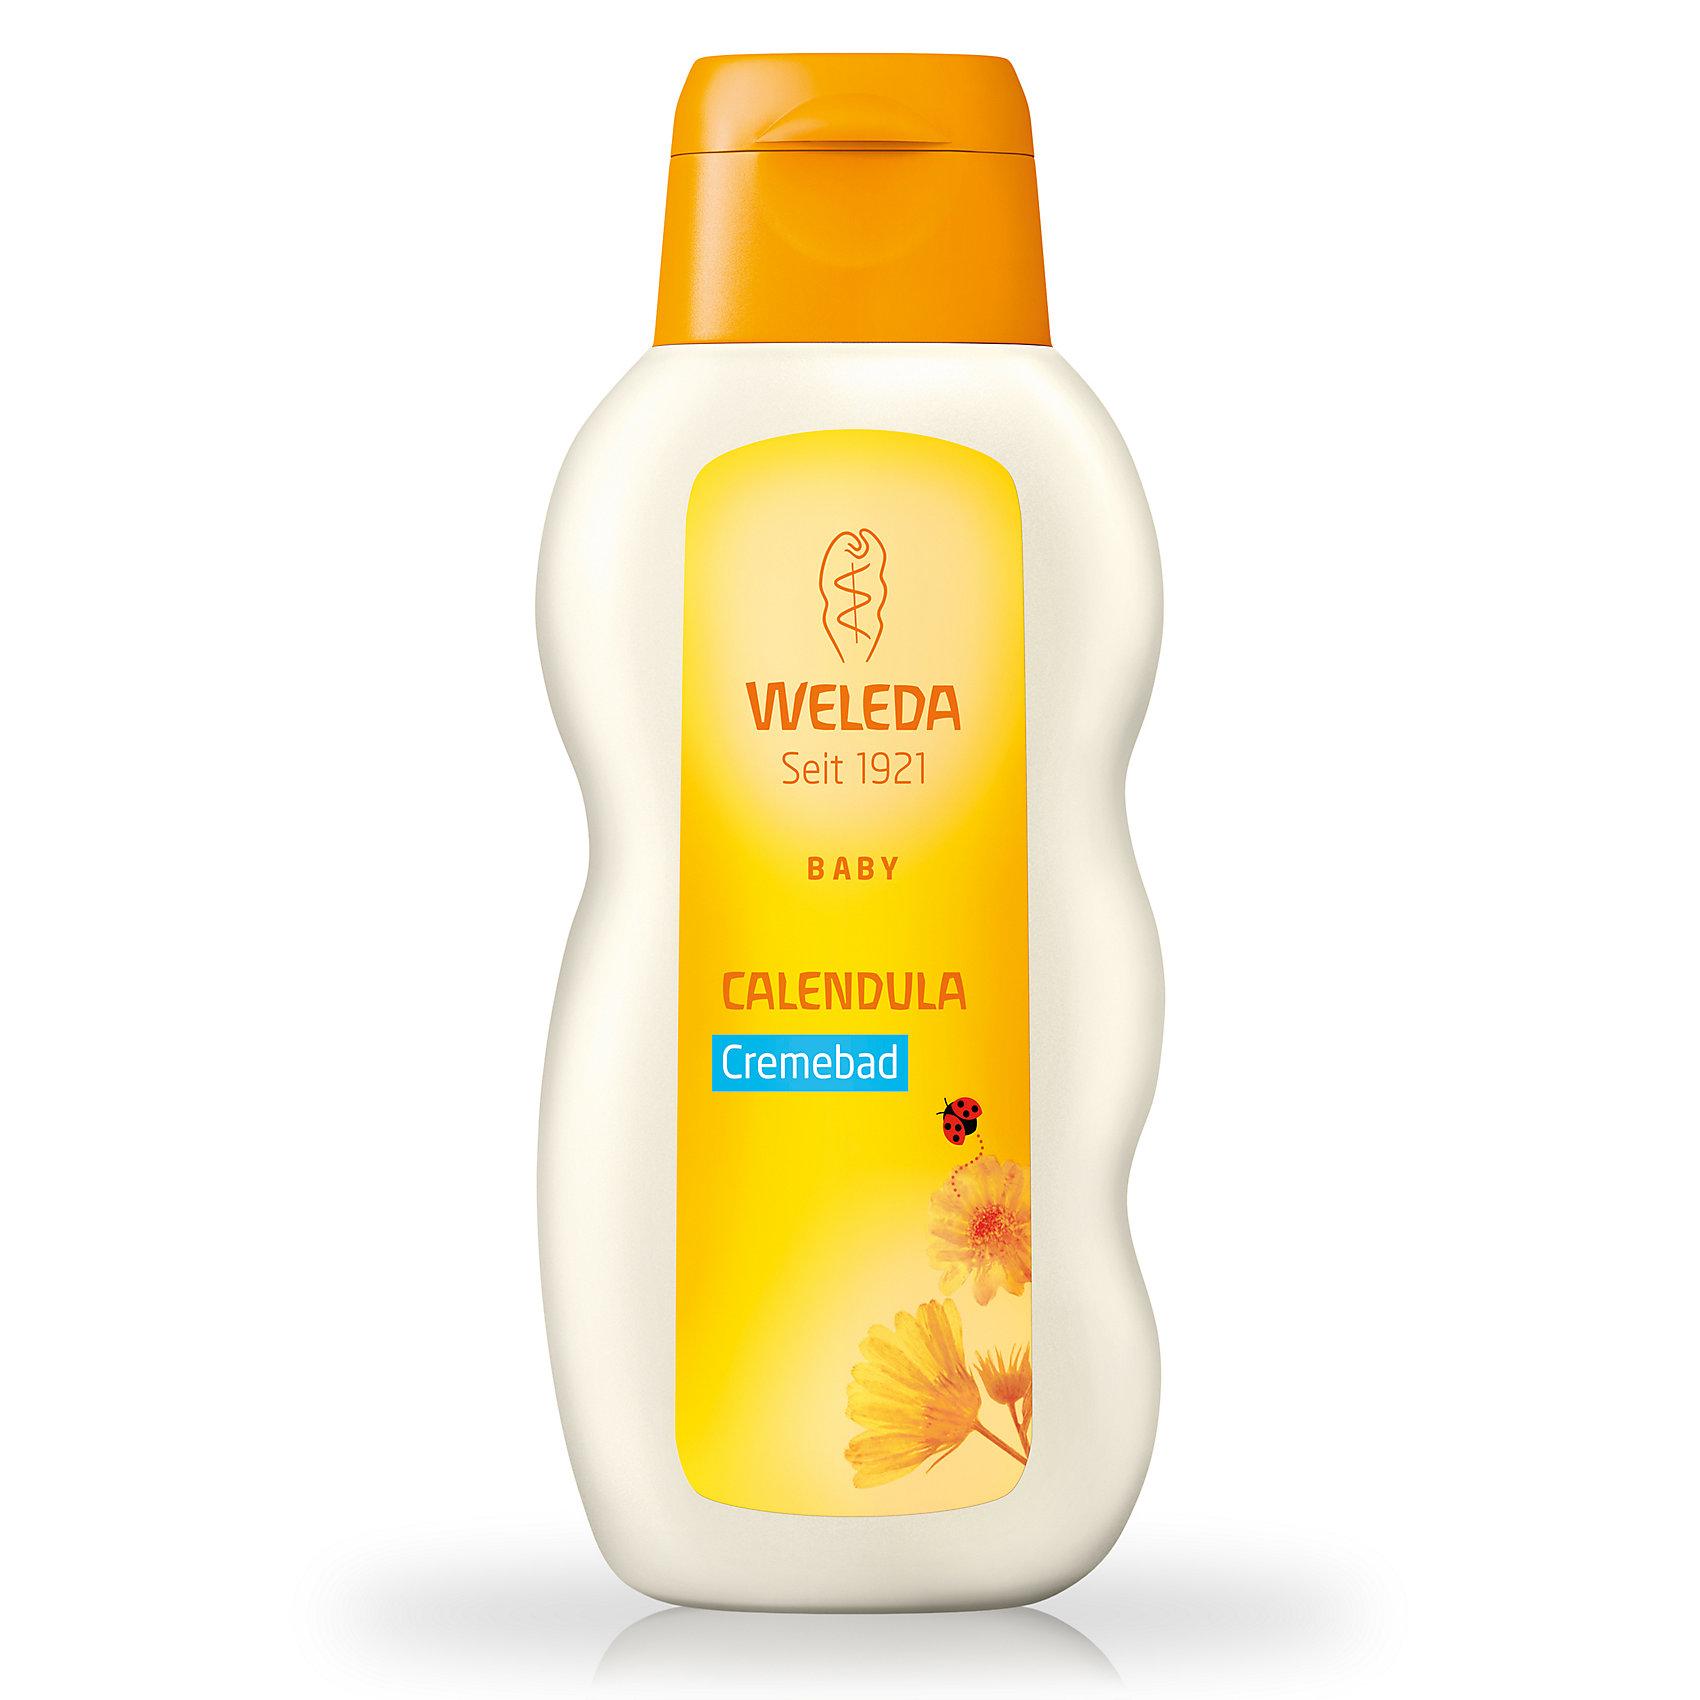 Молочко для купания с календулой для младенцев, 200 мл., WeledaМолочко для тела<br>Молочко для купания с календулой для младенцев, 200 мл., Weleda<br><br>Характеристики:<br><br>• Объем: 200 мл<br>• Рекомендации: подходит для детей с чувствительной кожей <br>• Способ применения: 1-2 столовые ложки добавить в ванночку и размешать<br>• Содержит: экстракт календулы, масла лаванды и лимона<br><br>Детское молочко с календулой поможет малышу настроиться на сон, успокоить нервную систему и очистить кожу малыша с максимальной заботой. Настой на травах повышает иммунитет, тем самым предотвращая частые простудные заболевания. Детское купание полностью безопасно для детей даже с гиперчувствительной кожей. А приятный запах будет ассоциацией веселья и радости от игр в воде.<br><br>Молочко для купания с календулой для младенцев, 200 мл., Weleda можно купить в нашем интернет-магазине.<br><br>Ширина мм: 162<br>Глубина мм: 71<br>Высота мм: 30<br>Вес г: 225<br>Возраст от месяцев: 0<br>Возраст до месяцев: 72<br>Пол: Унисекс<br>Возраст: Детский<br>SKU: 3756311